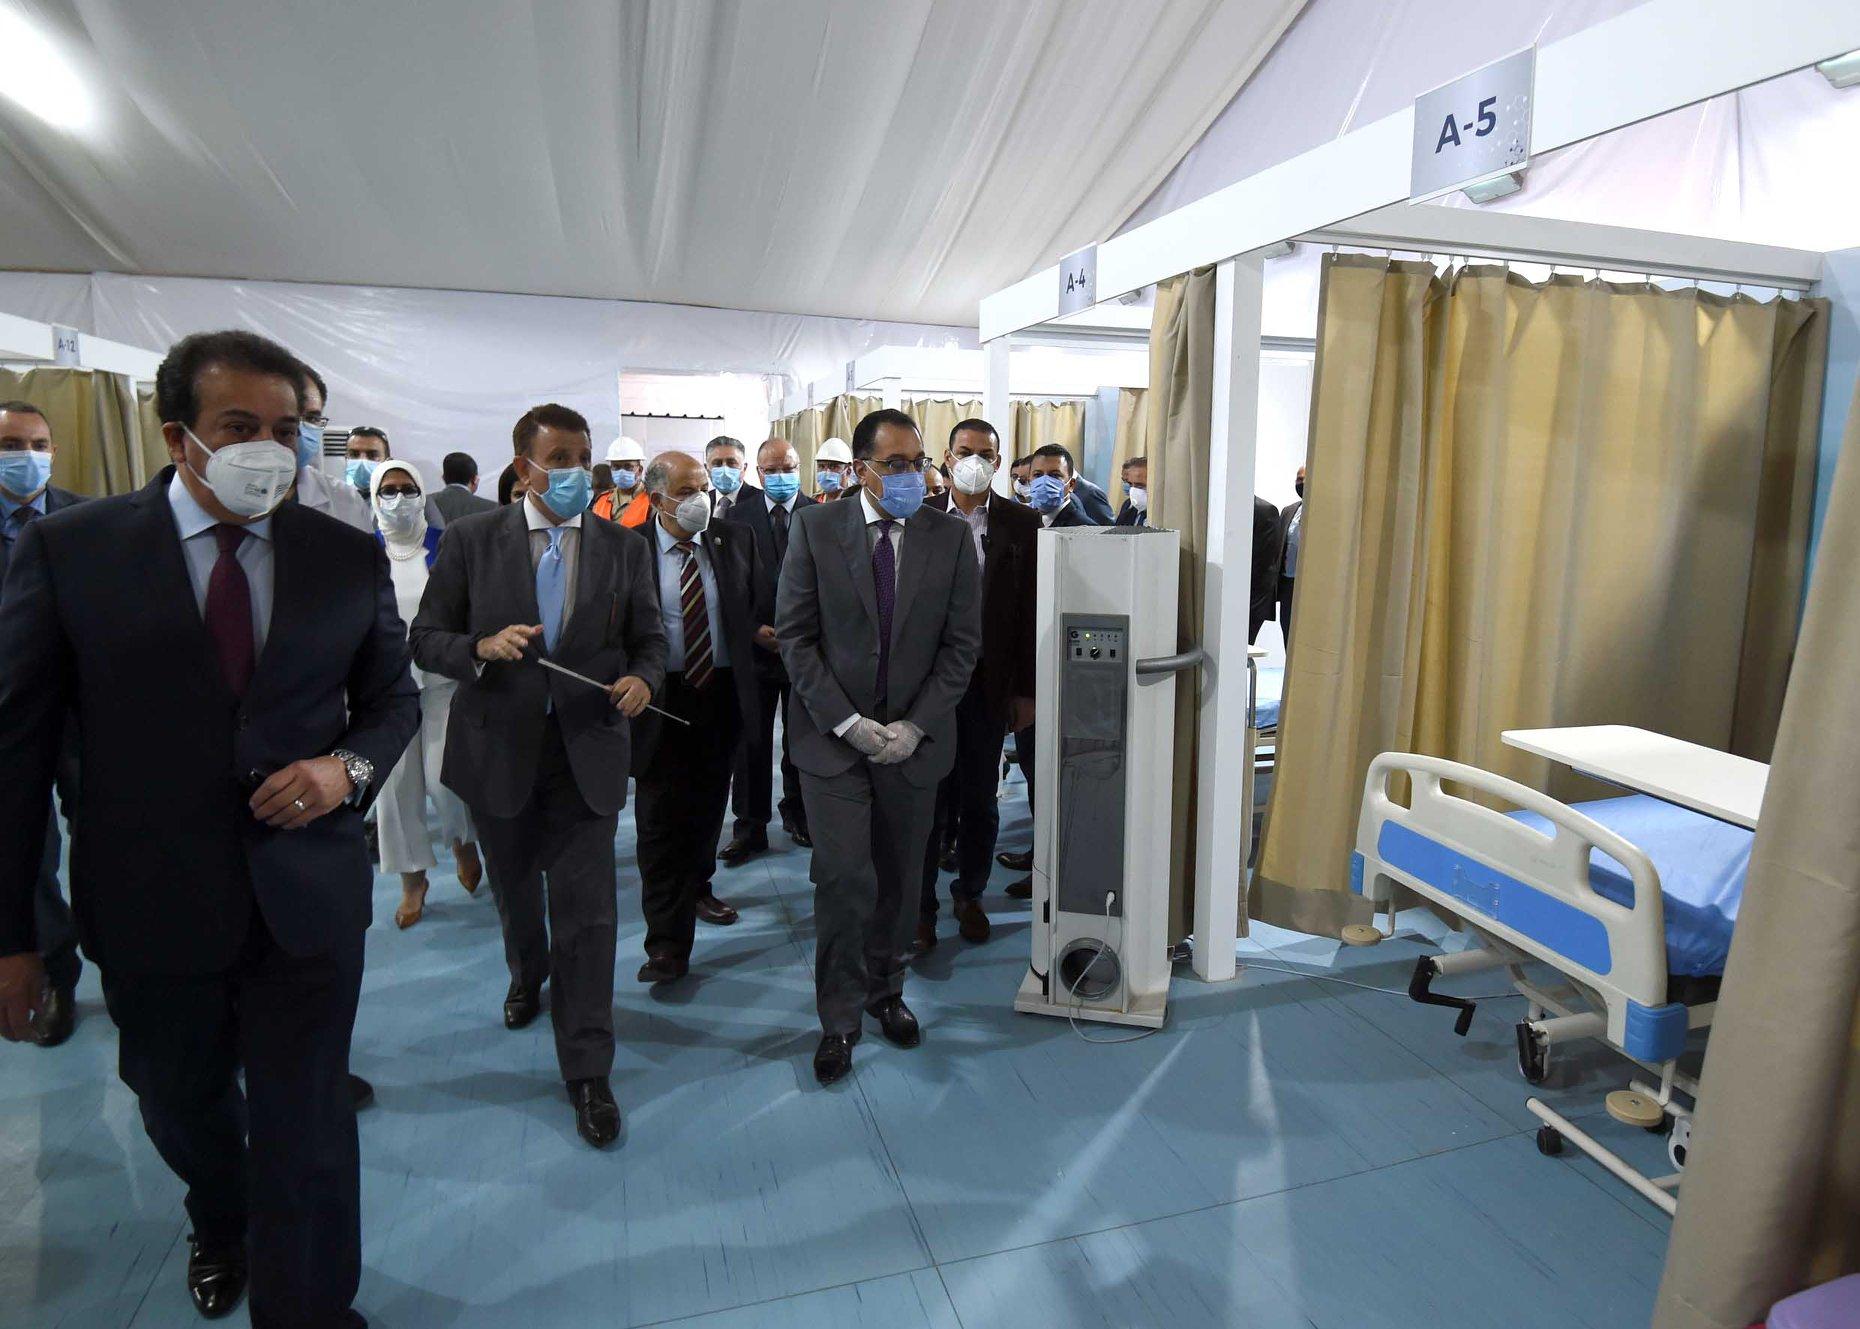 رئيس الوزراء يتفقد نموذجًا لمركز المسح لإجراء تحاليل الكشف عن كورونا بجامعة عين شمس